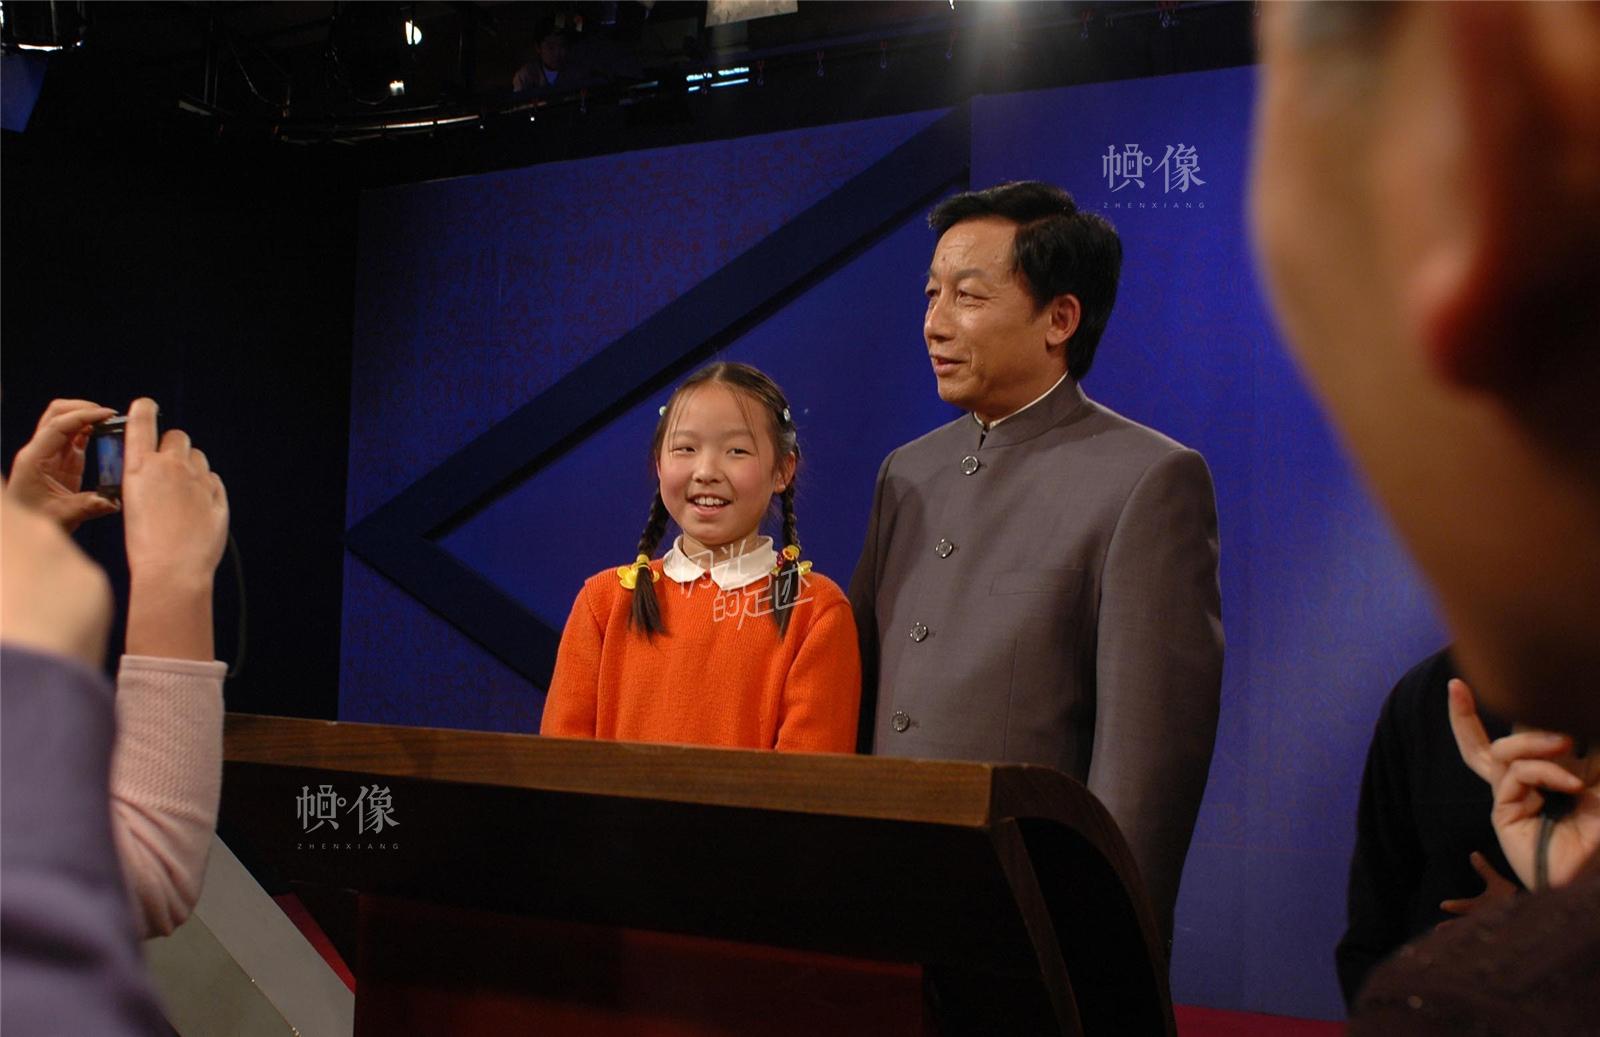 """2006年4月3日,北京,央视《百家讲坛》于当年初推出了由厦门大学易中天教授主讲的大型系列节目《易中天品三国》,易先生的说史风格引起广大观众强烈反响,他们自称""""意粉""""、""""乙醚"""",在全国范围内掀起了一股三国热。视觉中国"""